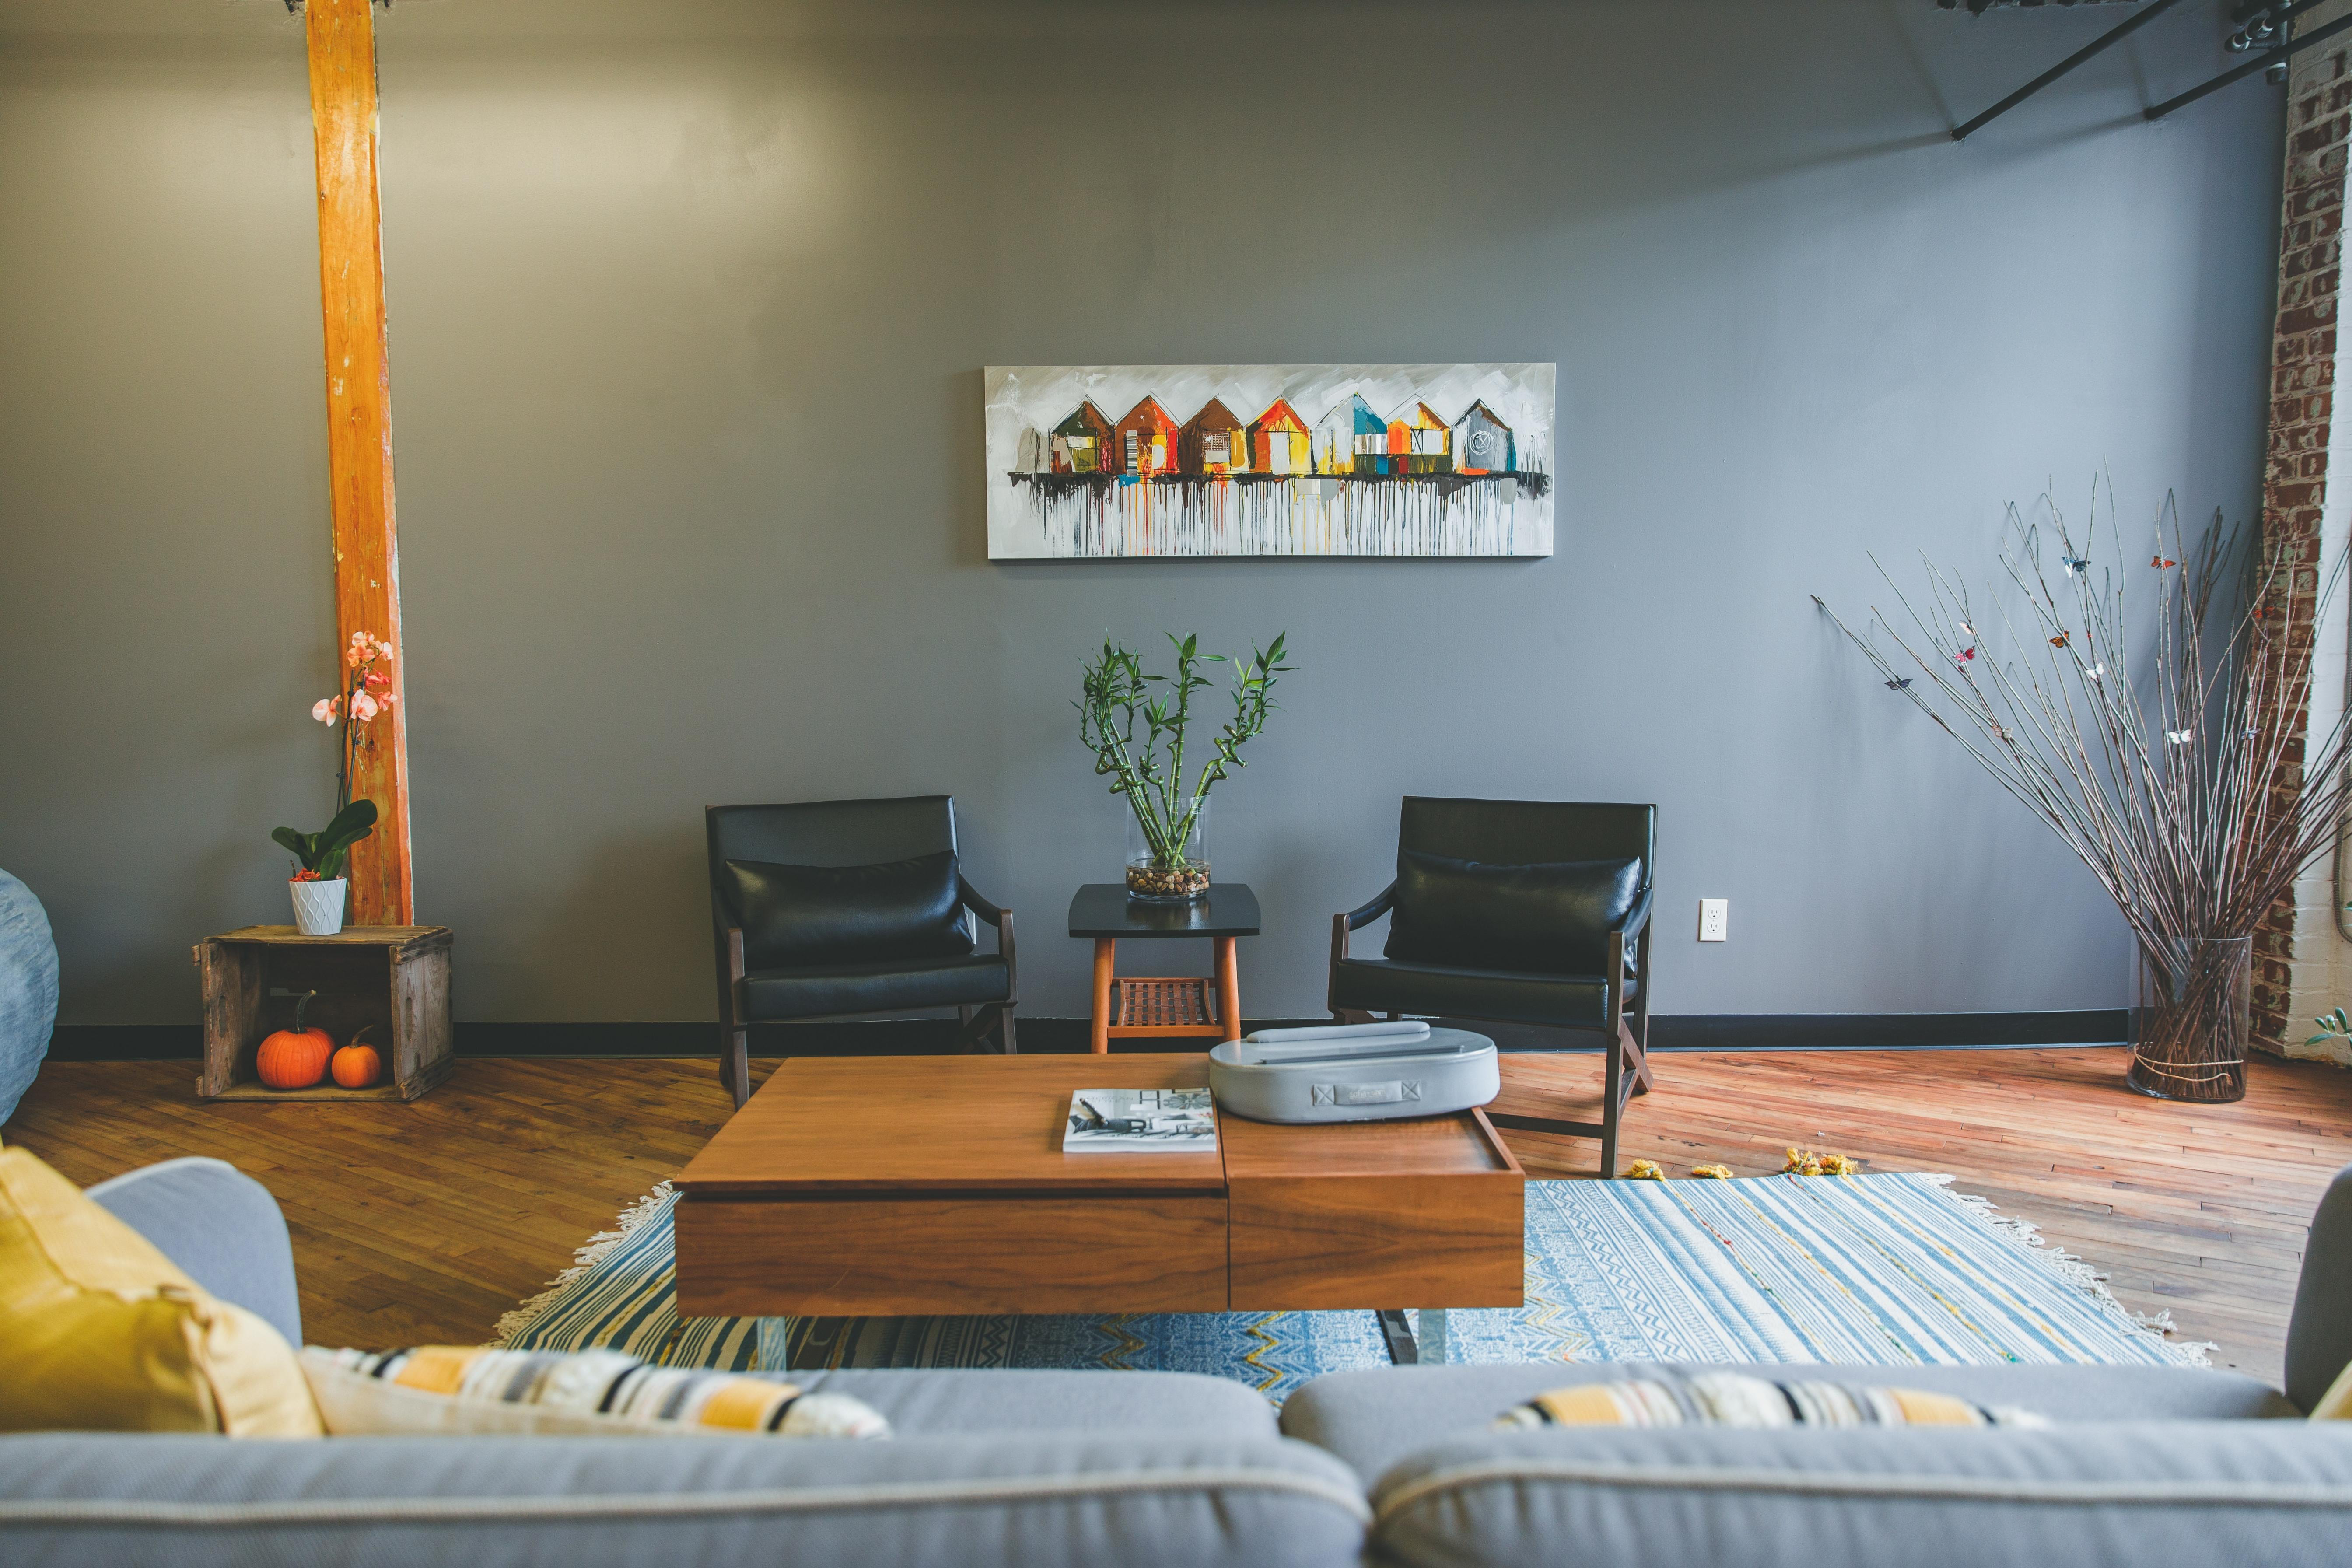 Feng Shui Im Wohnzimmer So Schafft Ihr Euch In 4 Schritten von Feng Shui Bilder Für Wohnzimmer Bild